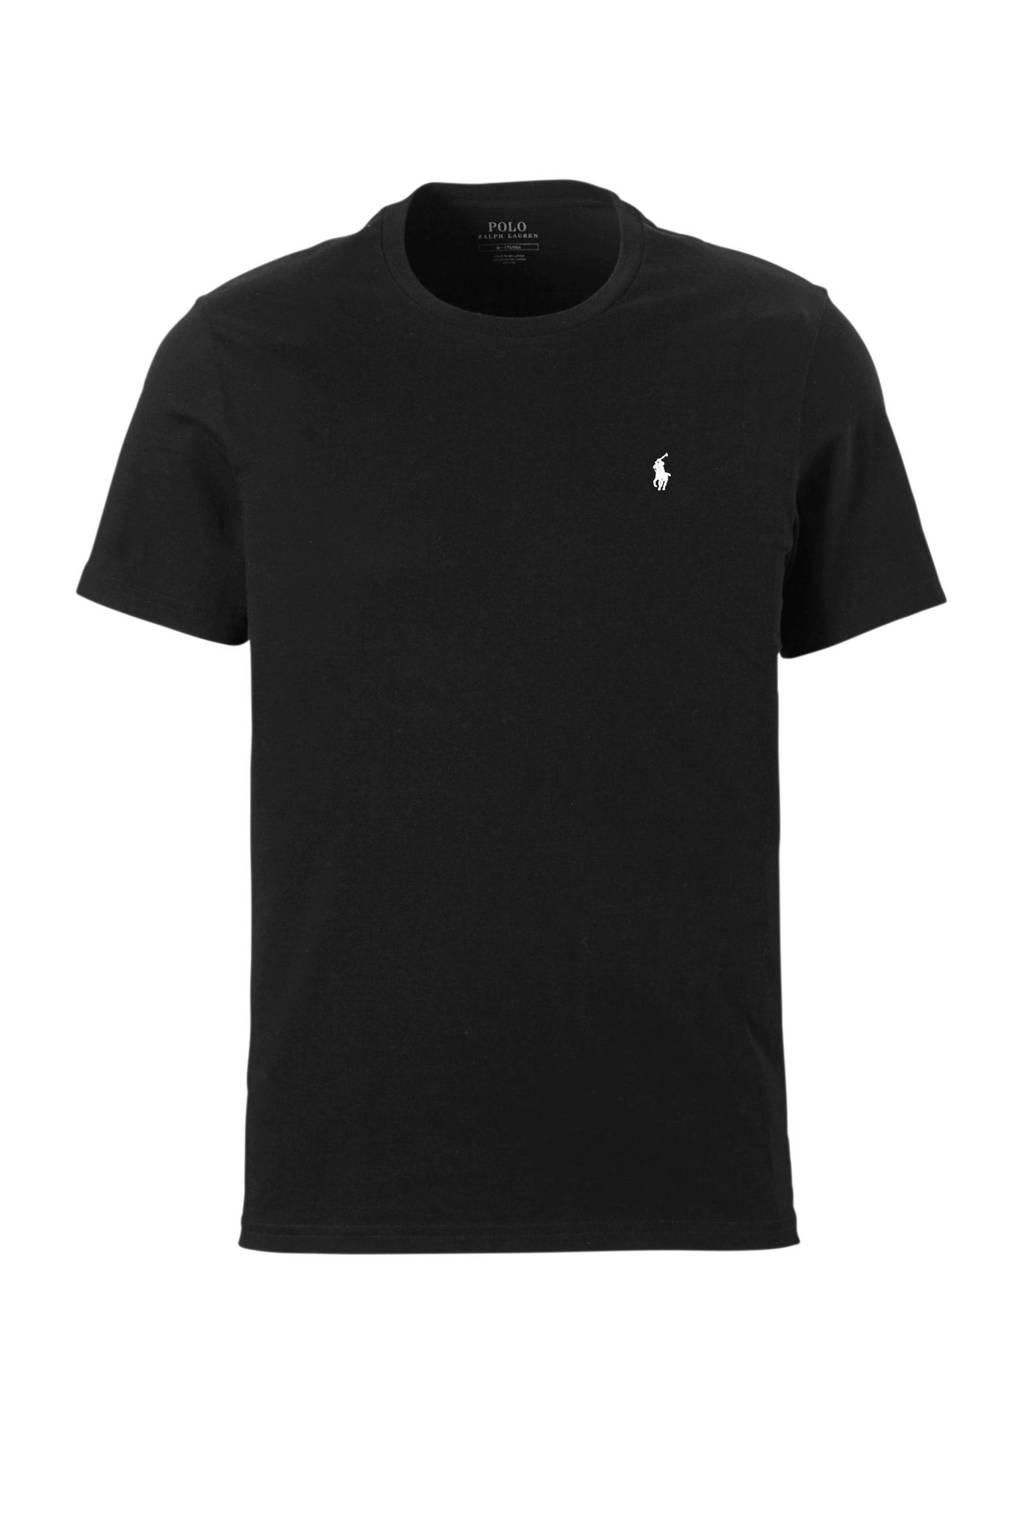 POLO Ralph Lauren T-shirt met korte mouwen zwart, Zwart